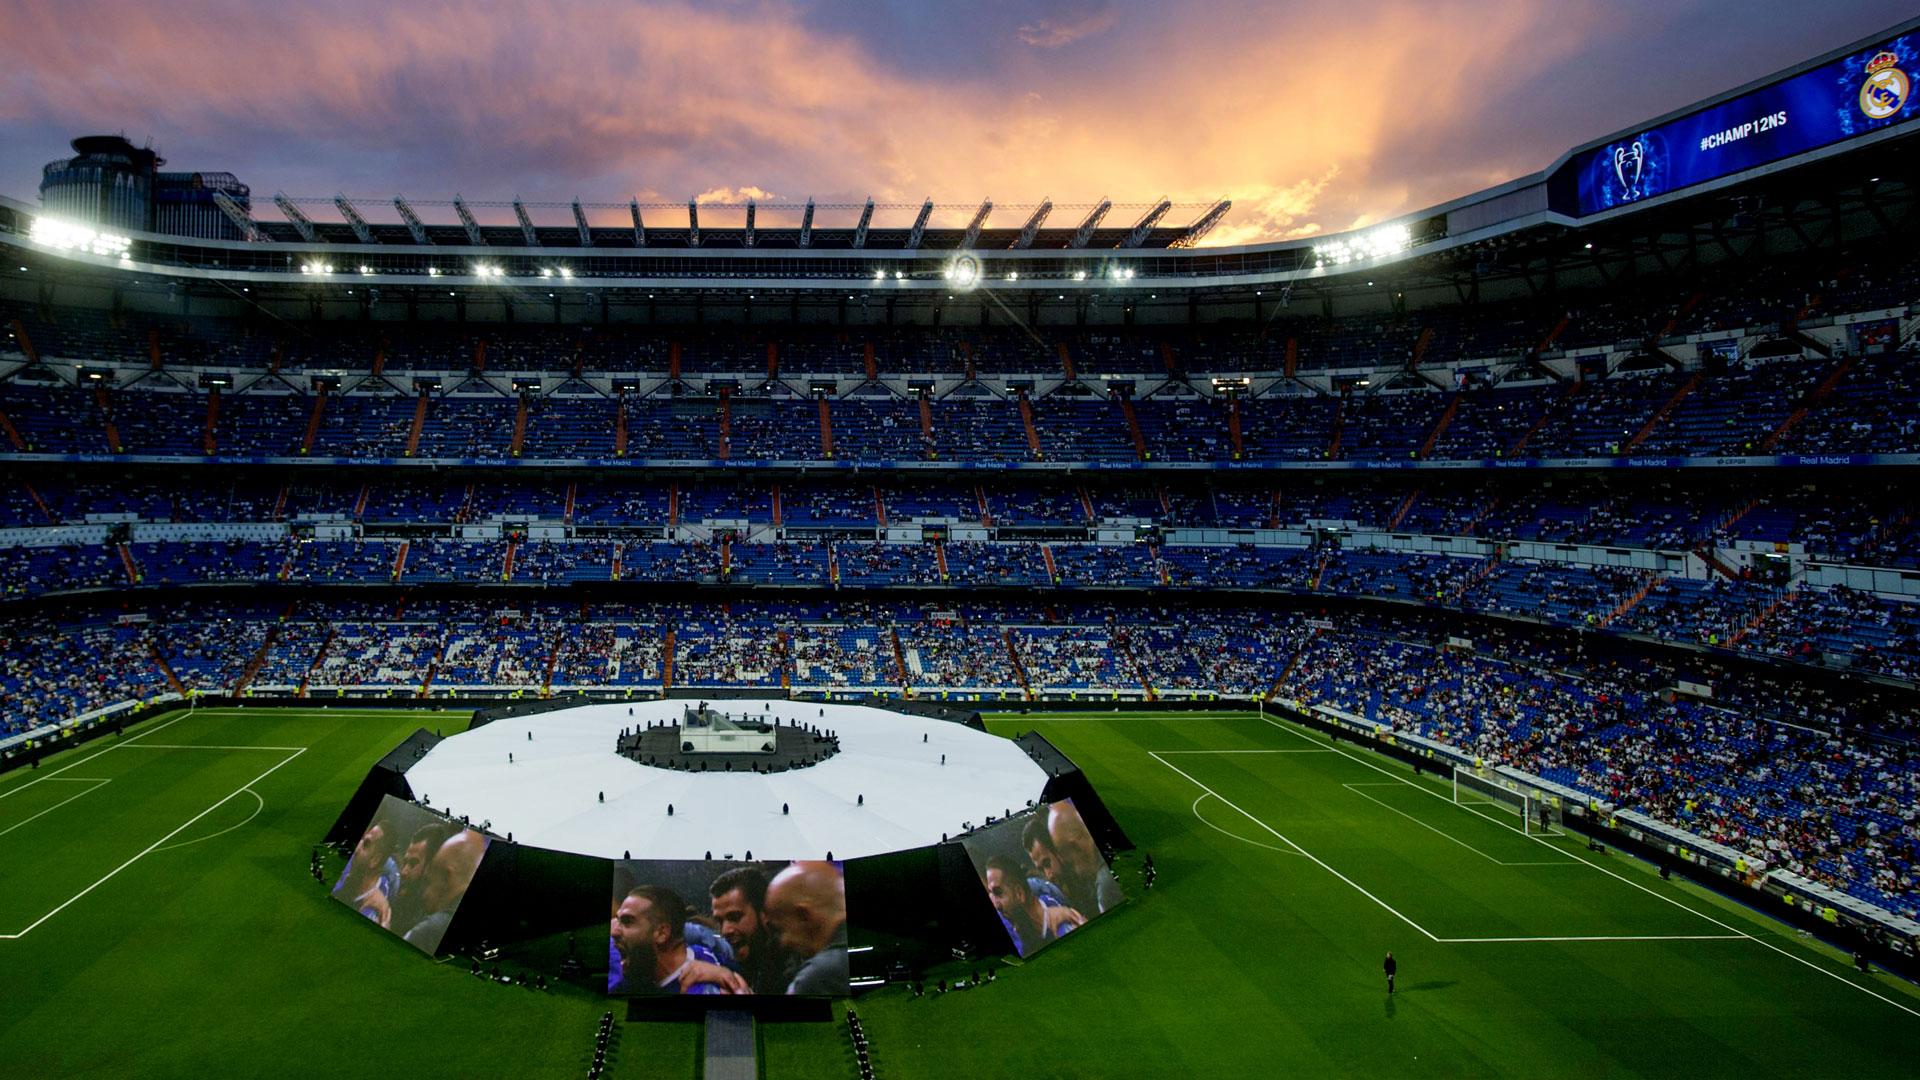 Tras los festejos en la ciudad, la celebración se mudó al Santiago Bernabéu